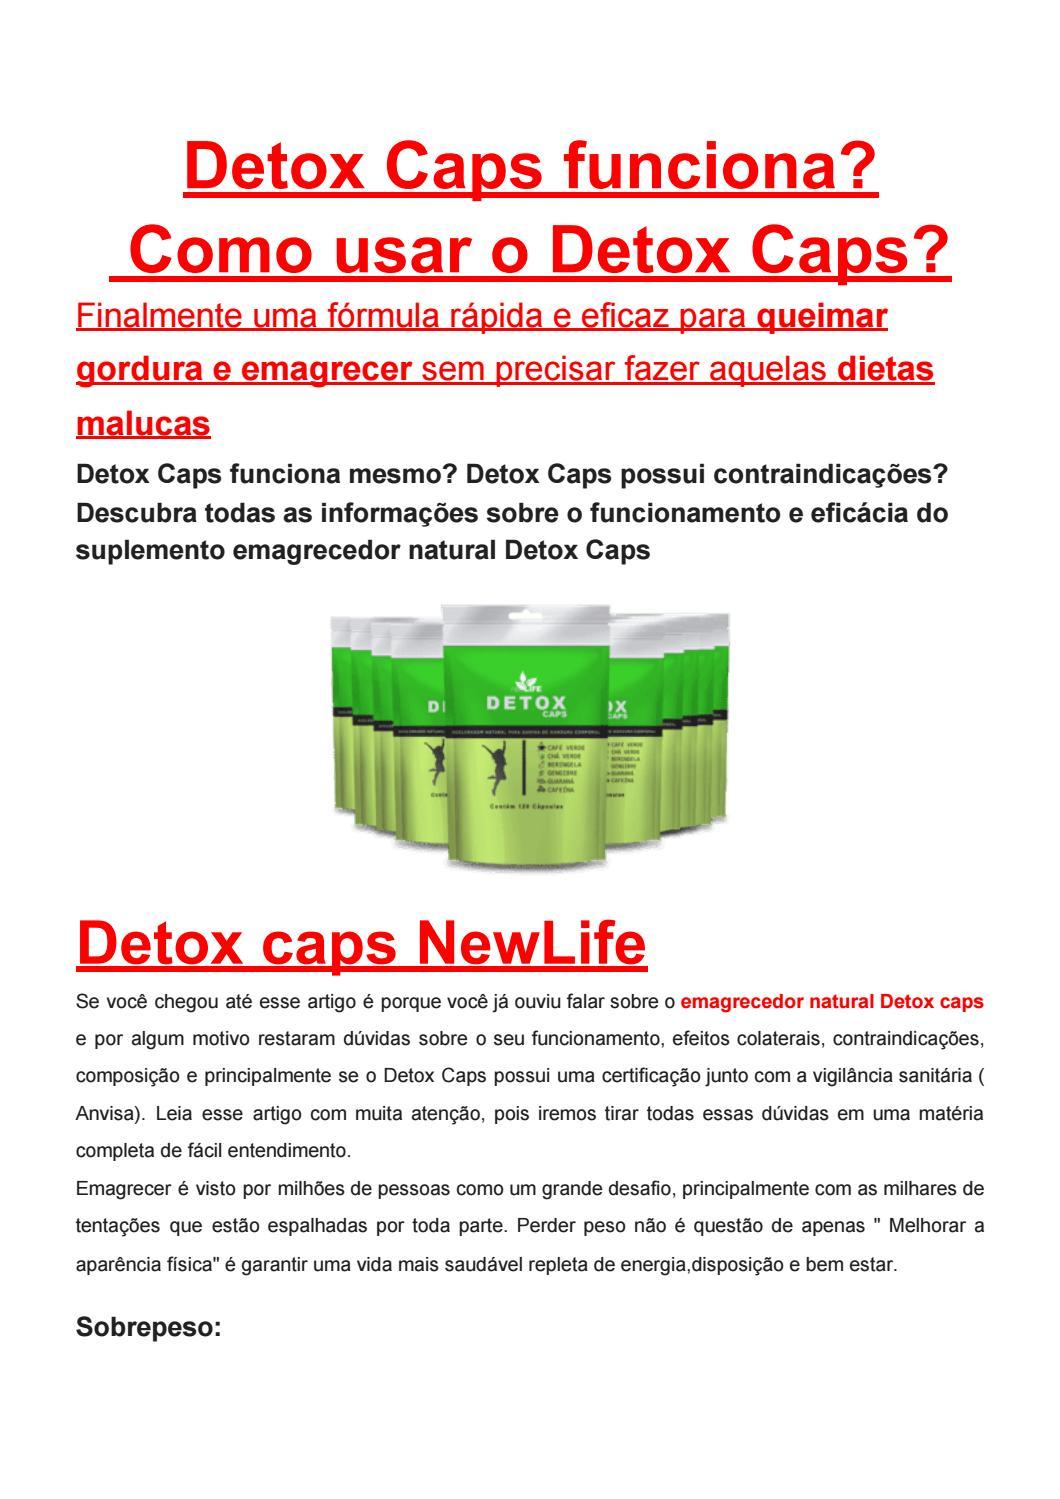 lift detox caps funciona mesmo